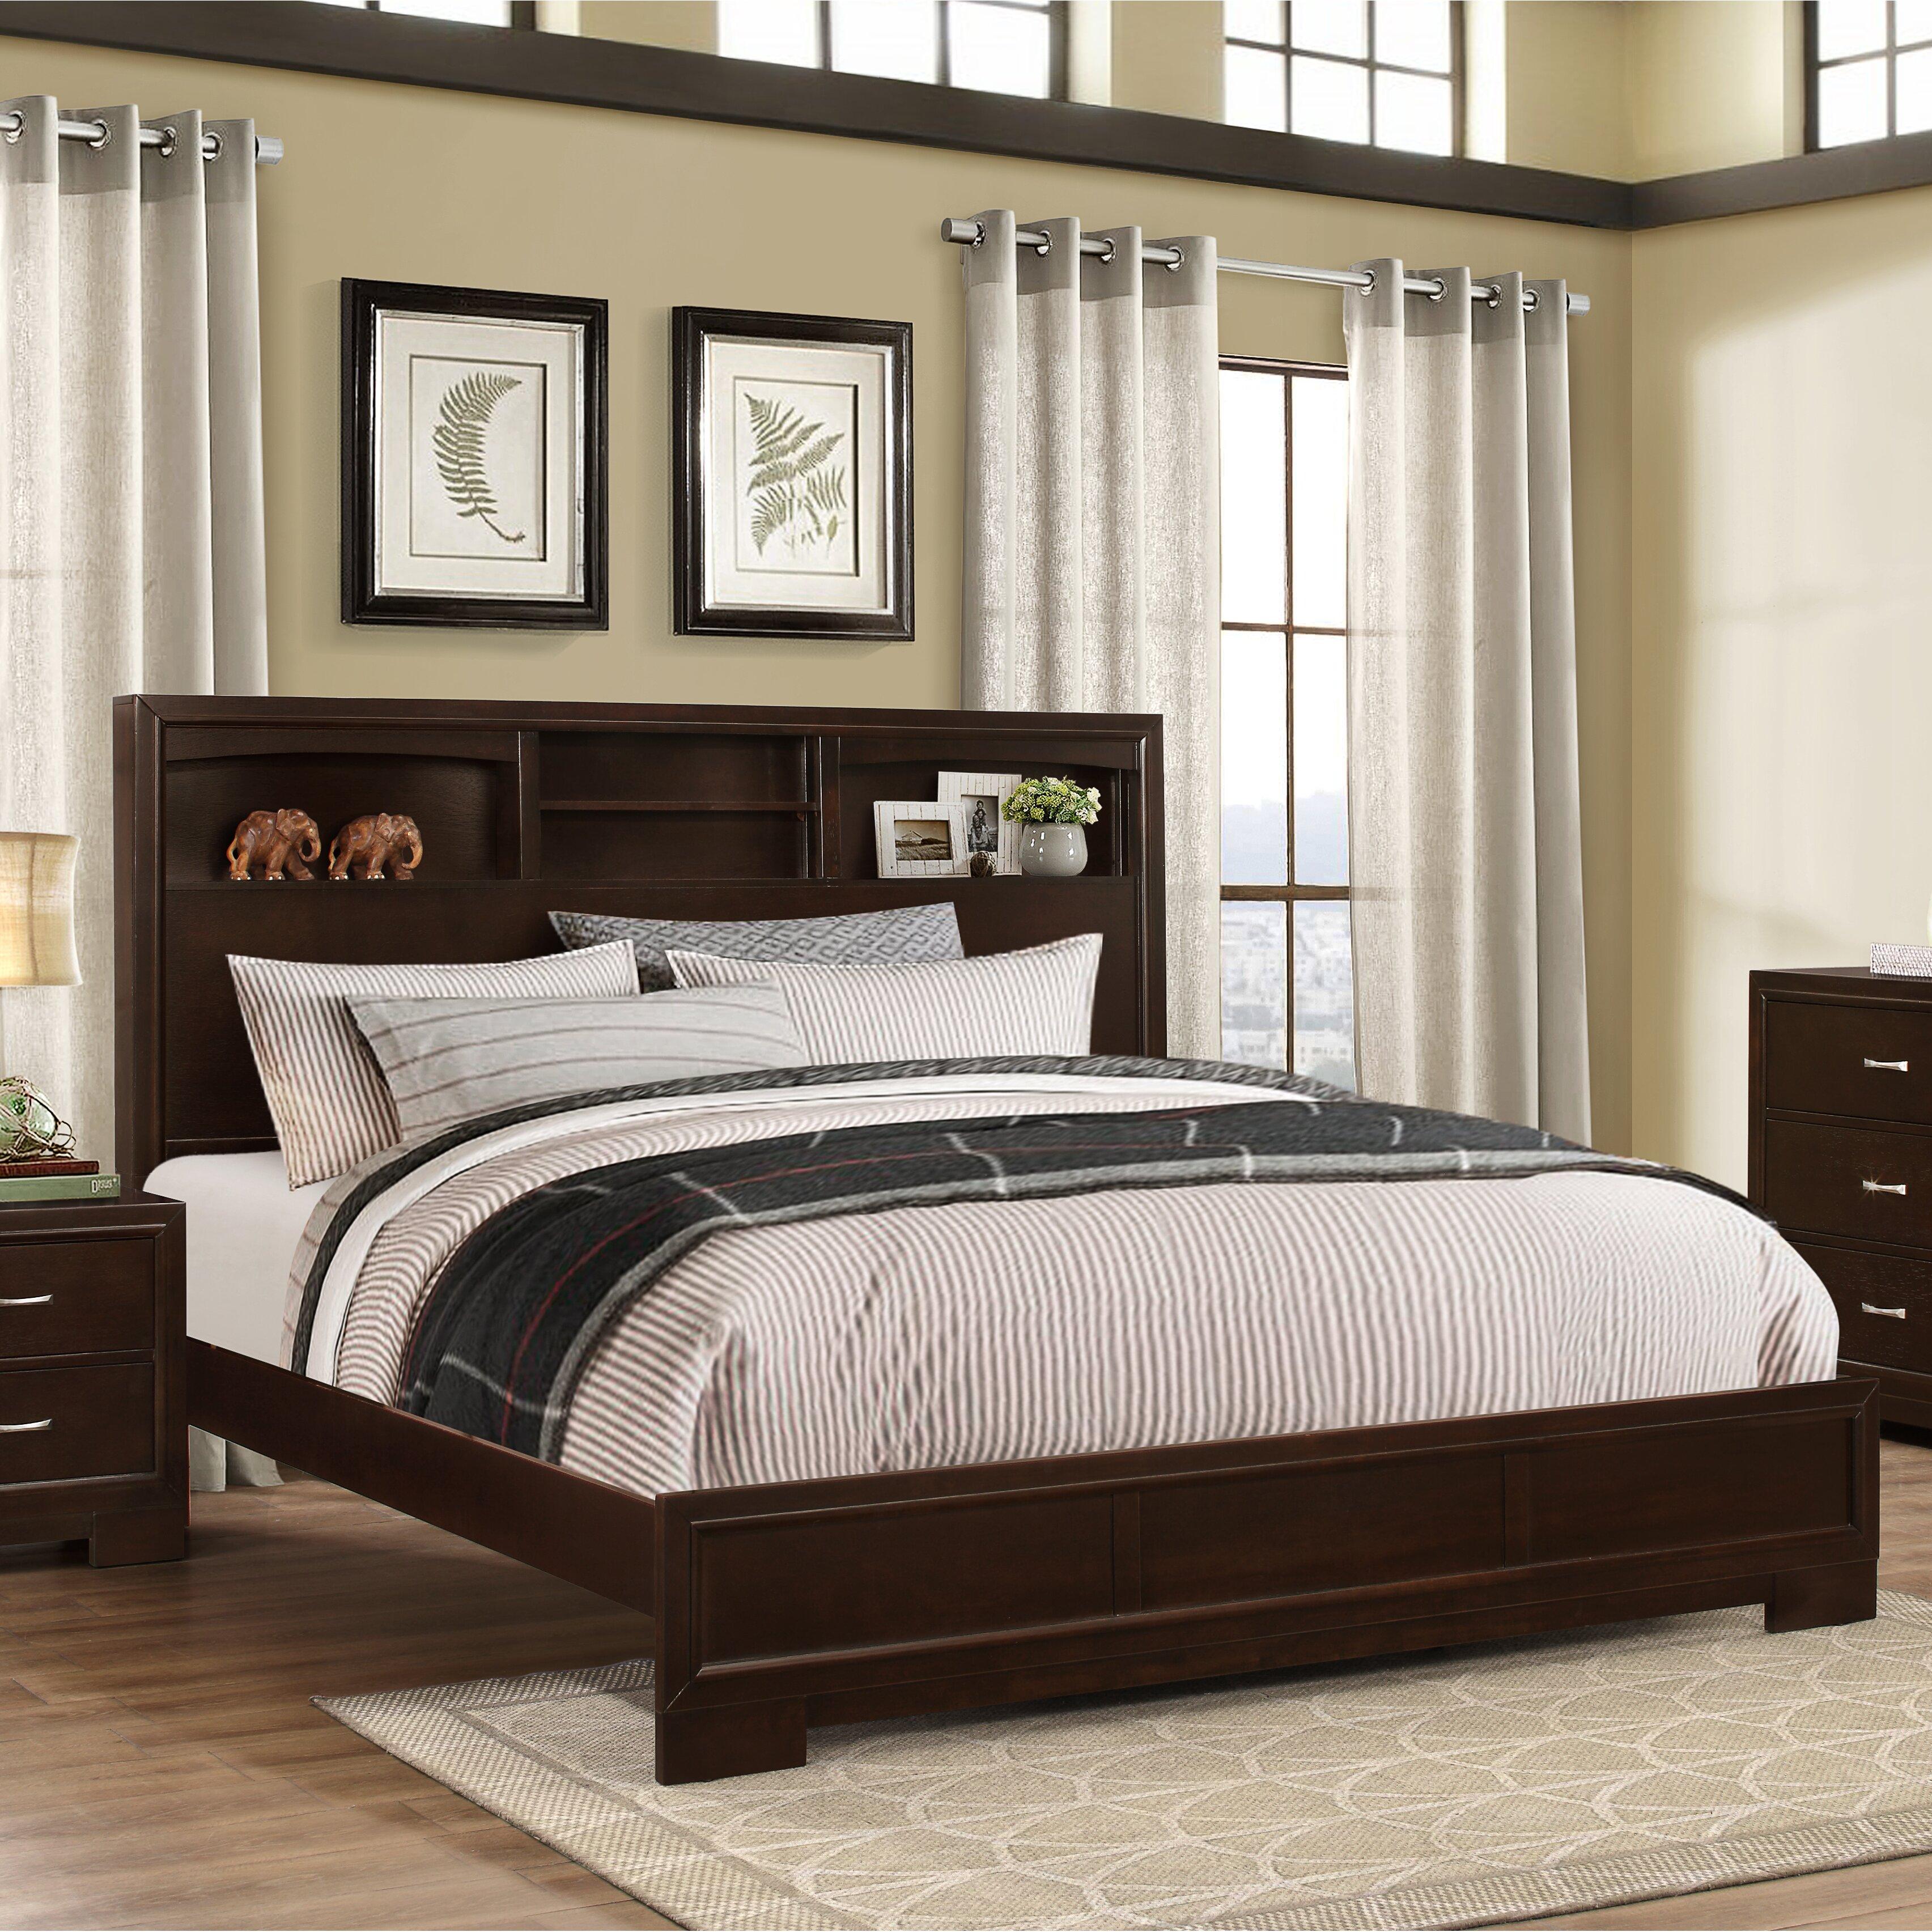 Brayden studio voigt panel 5 piece bedroom set reviews for Bedroom 5 piece sets